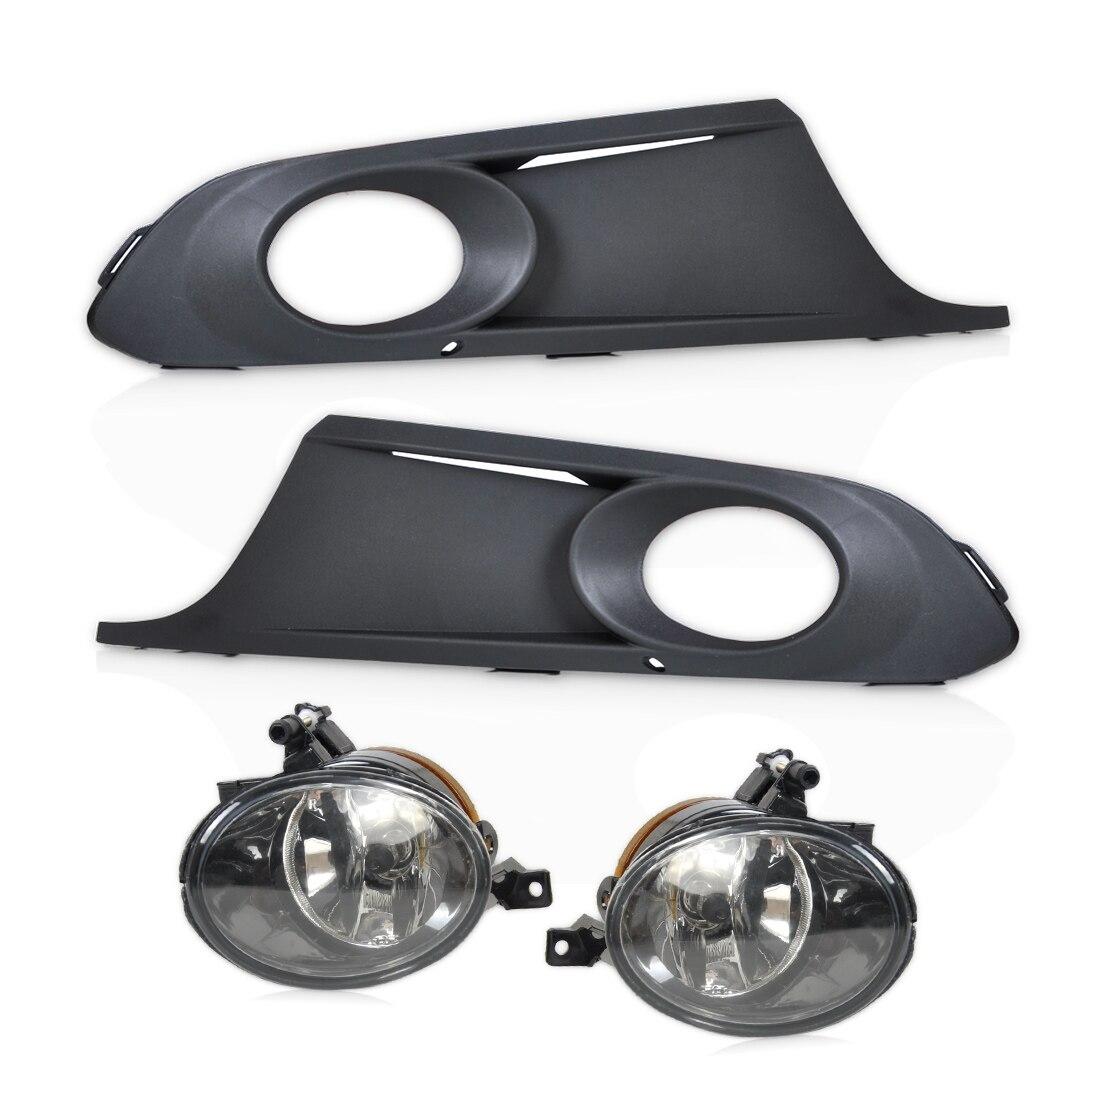 beler New 2Pcs Front Bumper Lower Fog Light Grille + Lamps Kit 5KD 941 699, 5KD 941 700 for VW Jetta MK6 2011 2012 2013 2014 front fog light assembly for vw jetta mk5 1t0 941 699 d